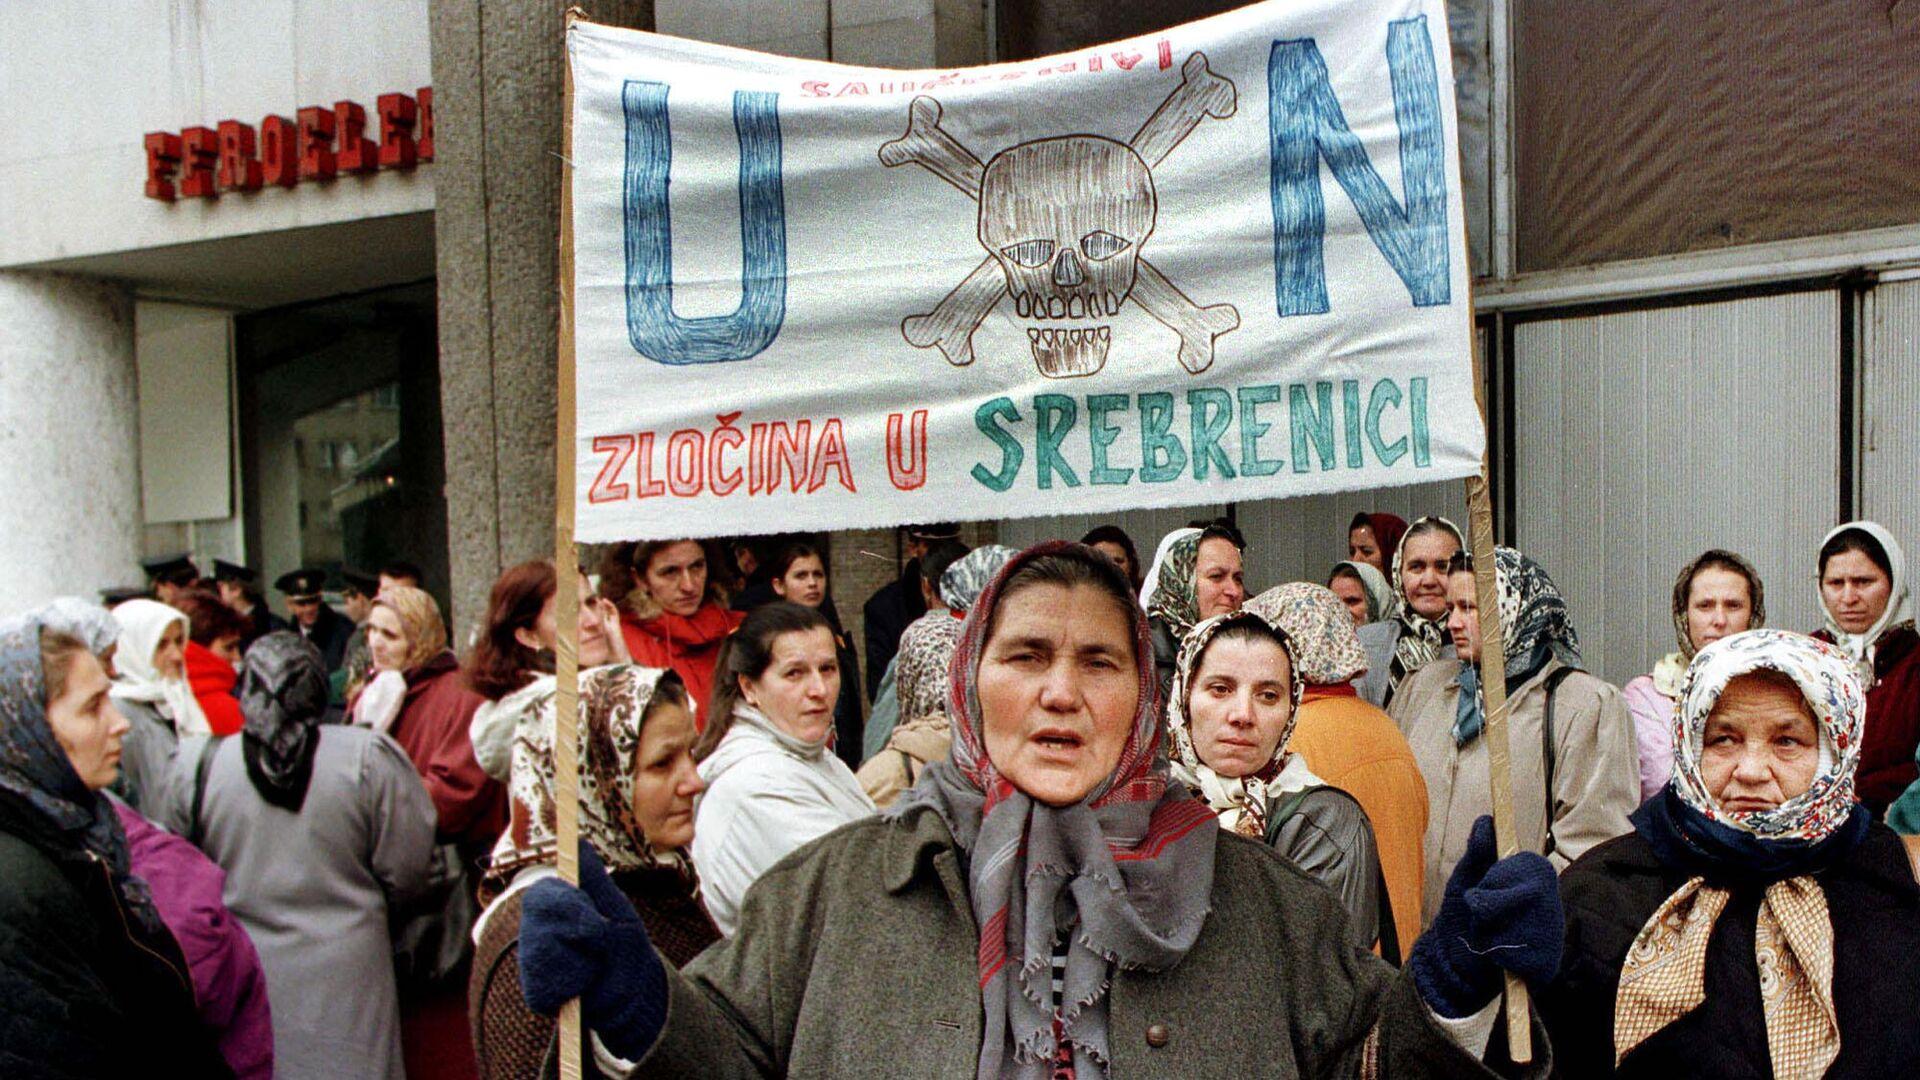 Протесты выживших после резни в Сребренице  - РИА Новости, 1920, 11.07.2020